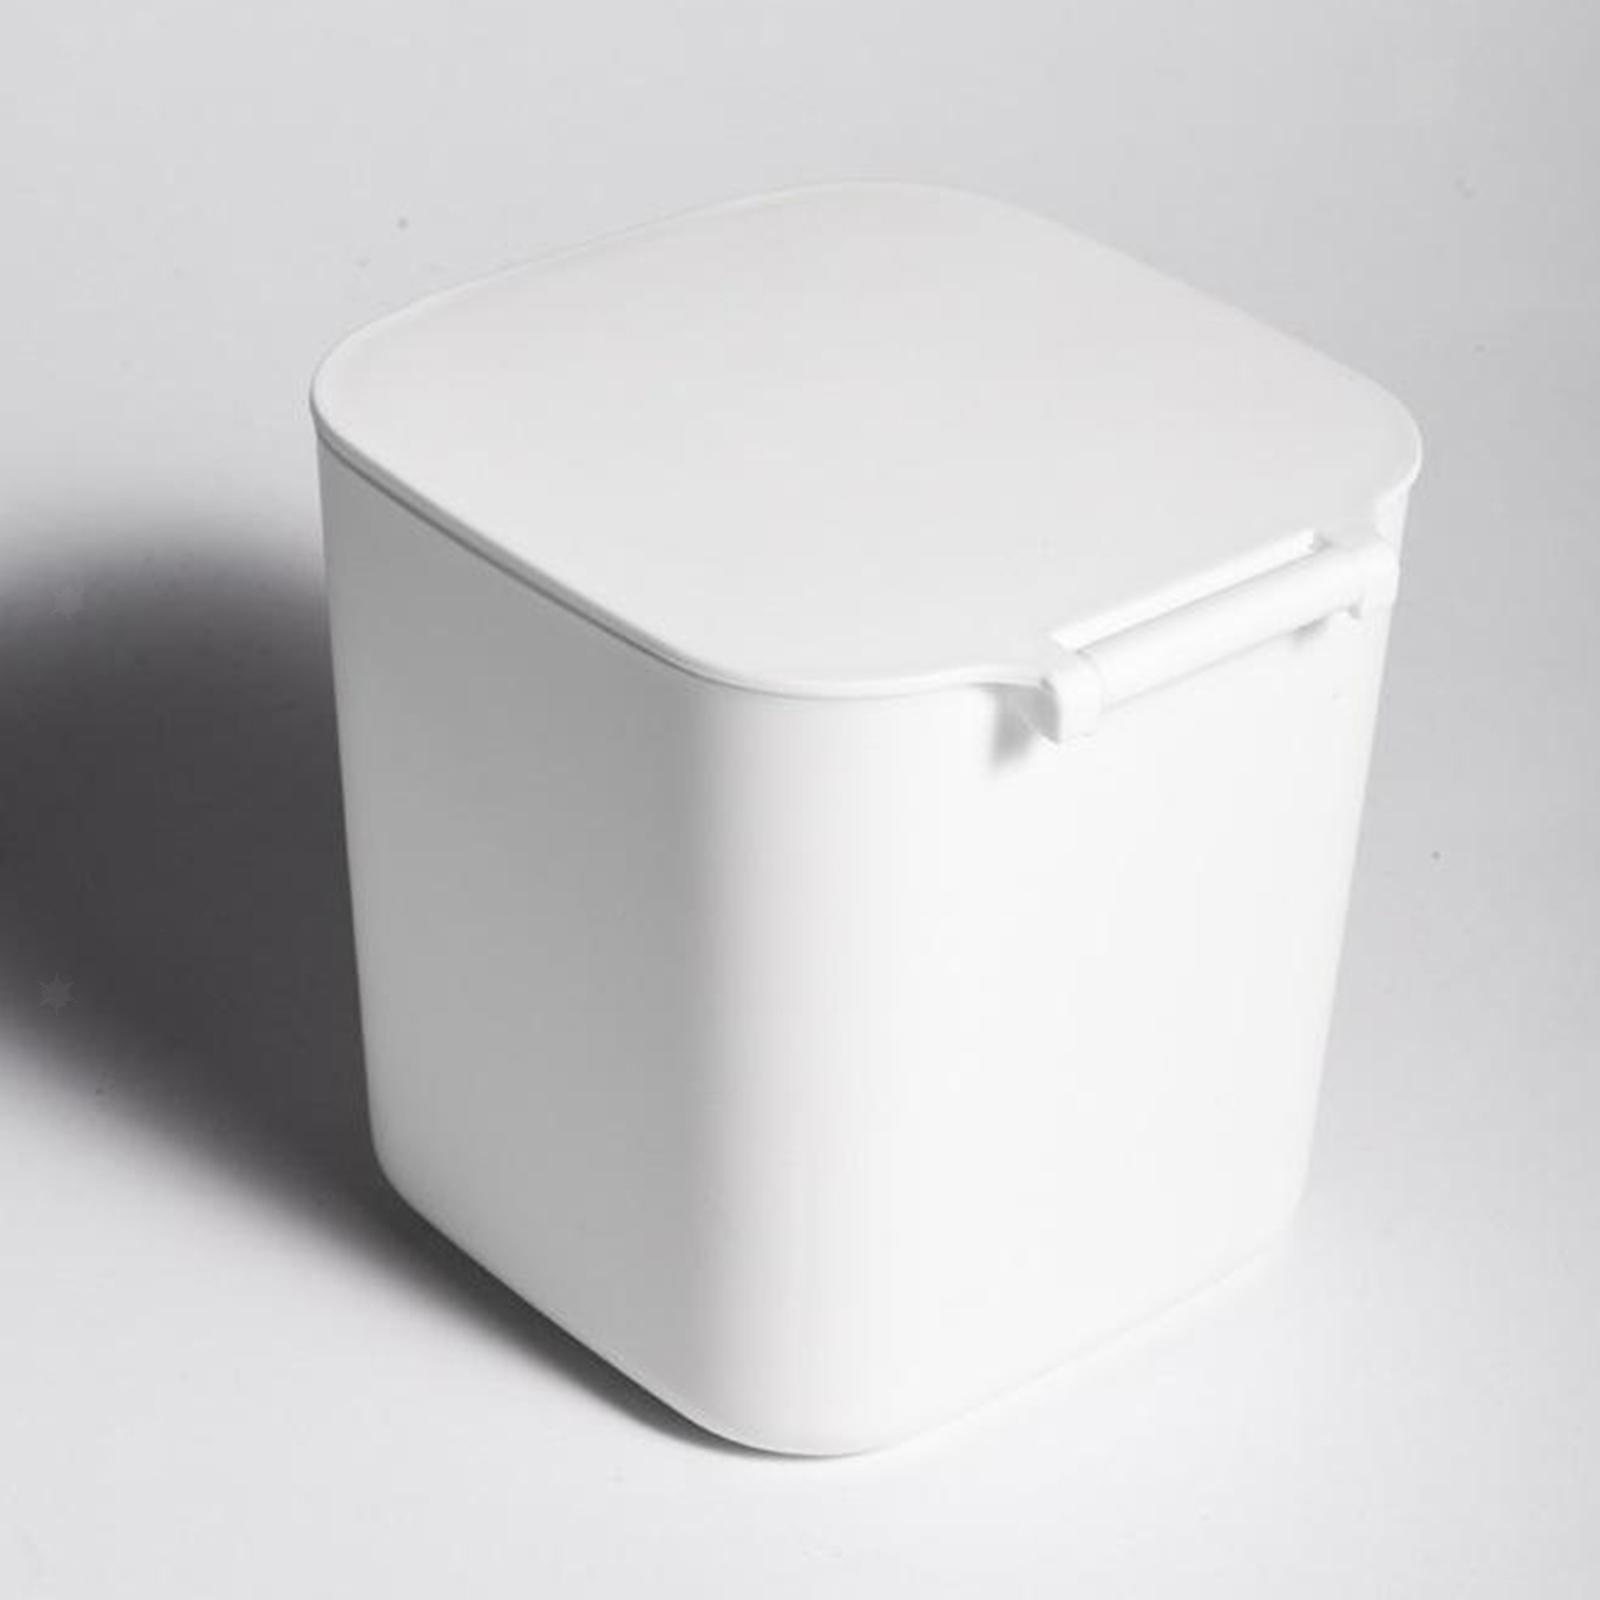 Cestino-della-spazzatura-del-bidone-della-spazzatura-di-plastica-4L-per-la miniatura 11